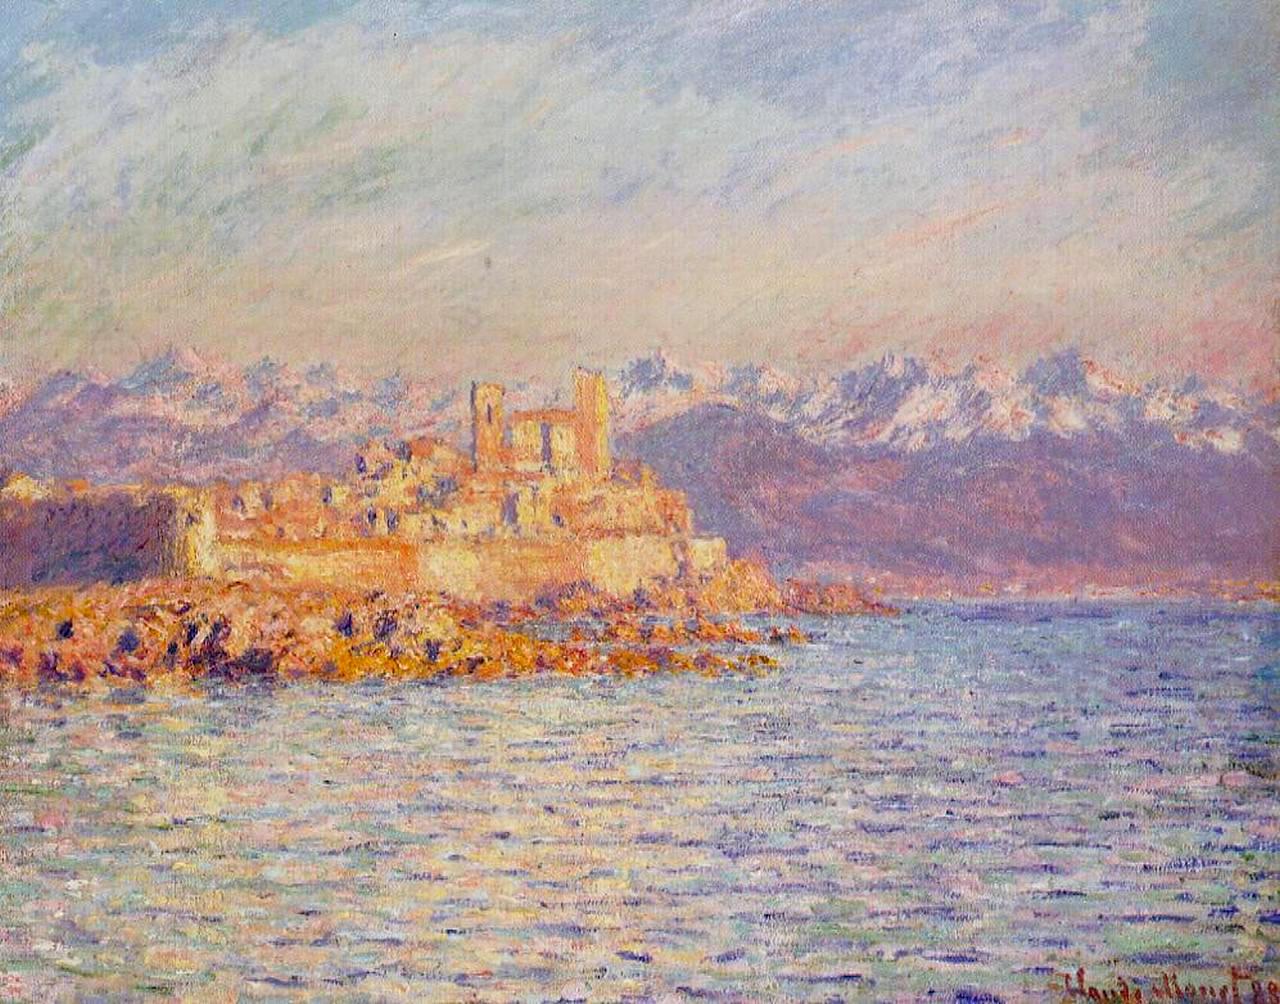 южные пейзажи < Бухта Антиба >:: Клод Моне, описание картины - Claude Monet фото